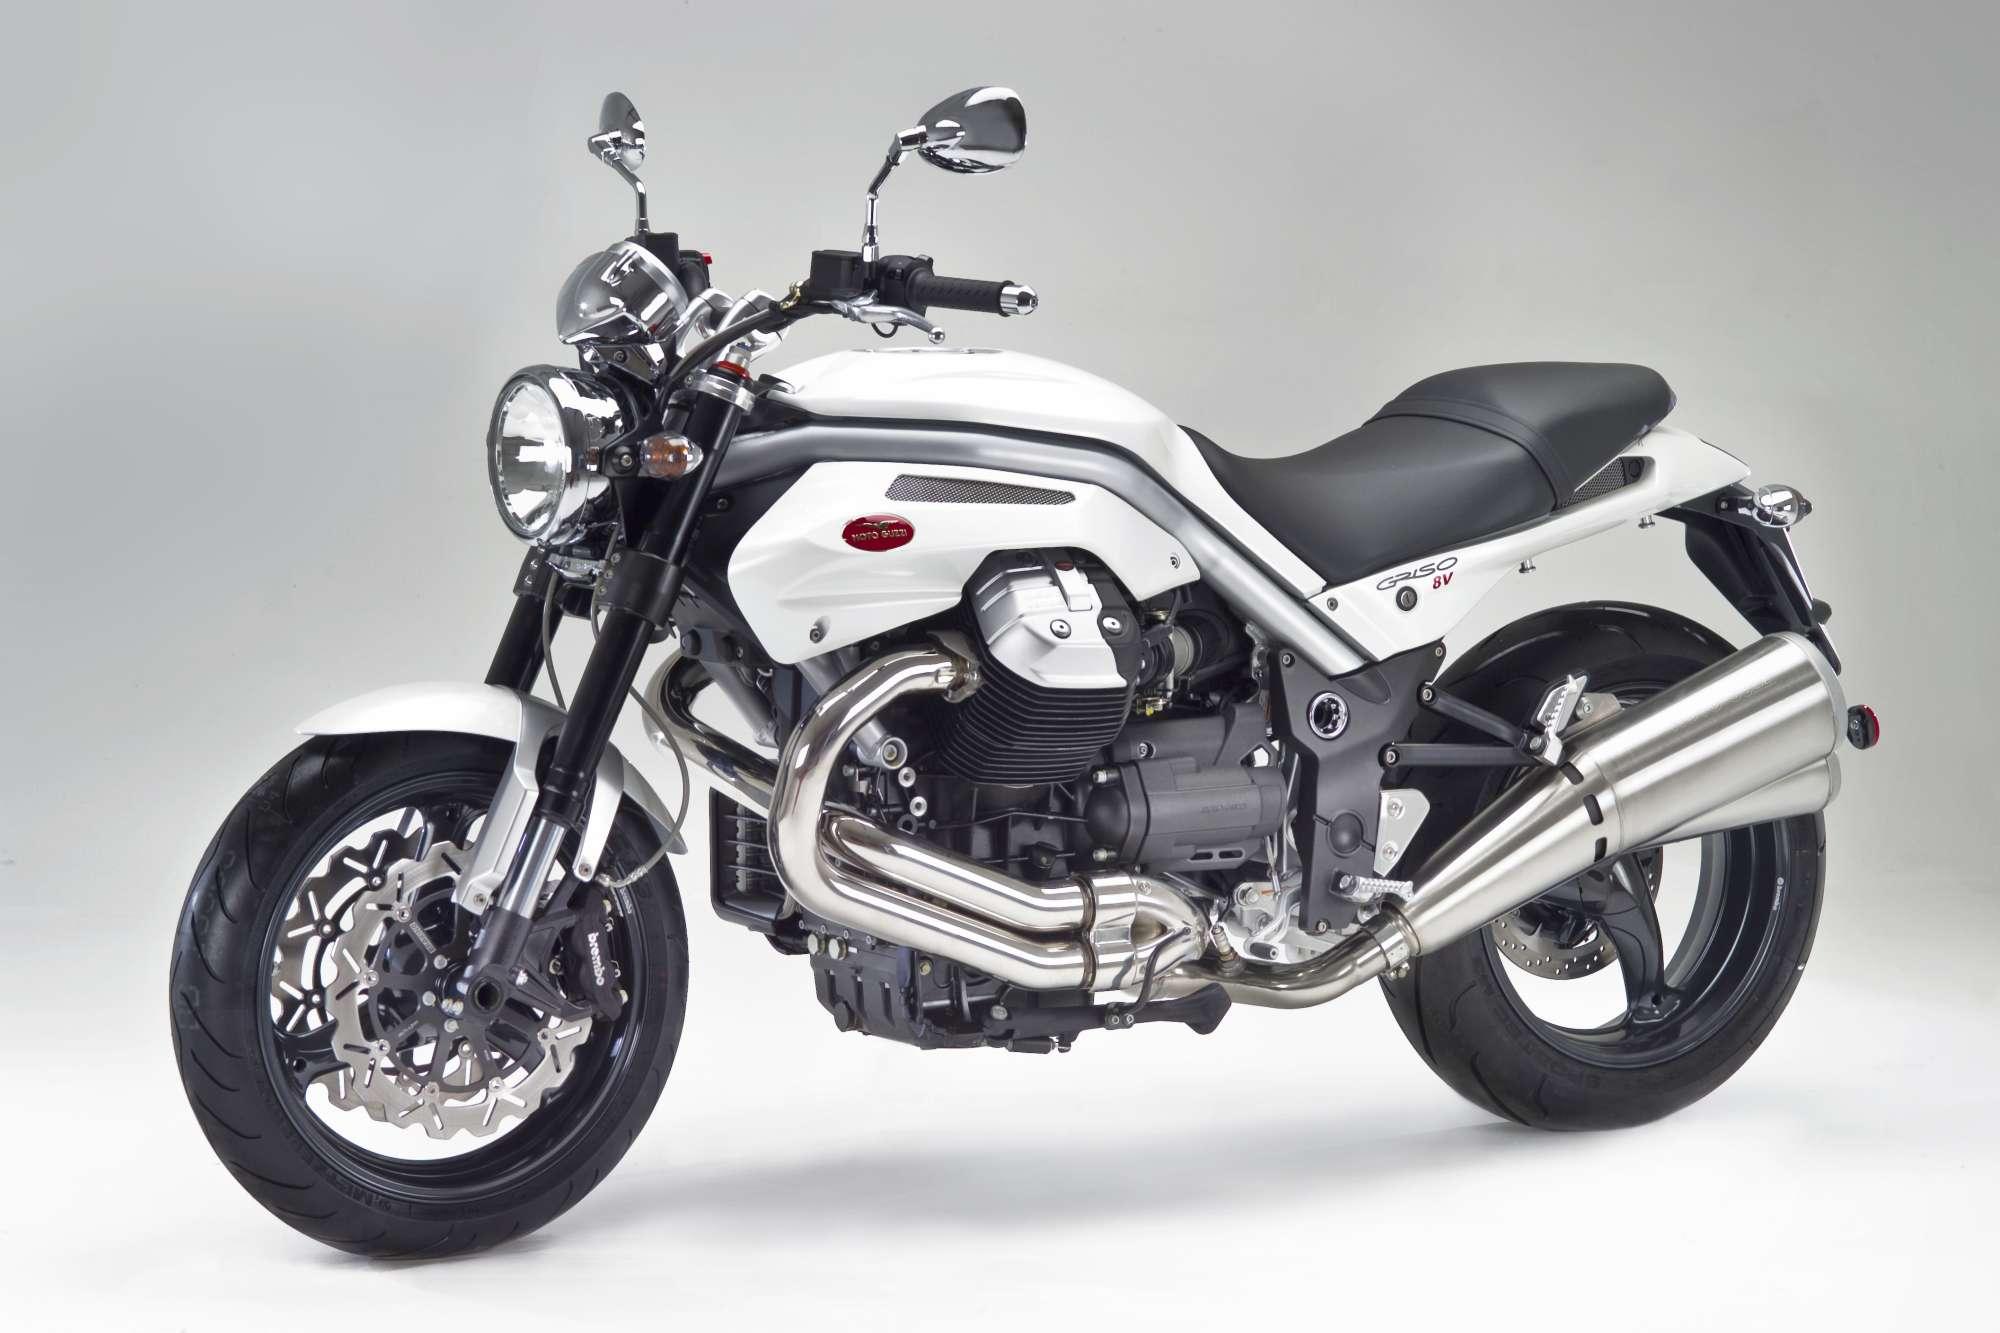 gebrauchte und neue moto guzzi griso 1200 8v motorr der kaufen. Black Bedroom Furniture Sets. Home Design Ideas